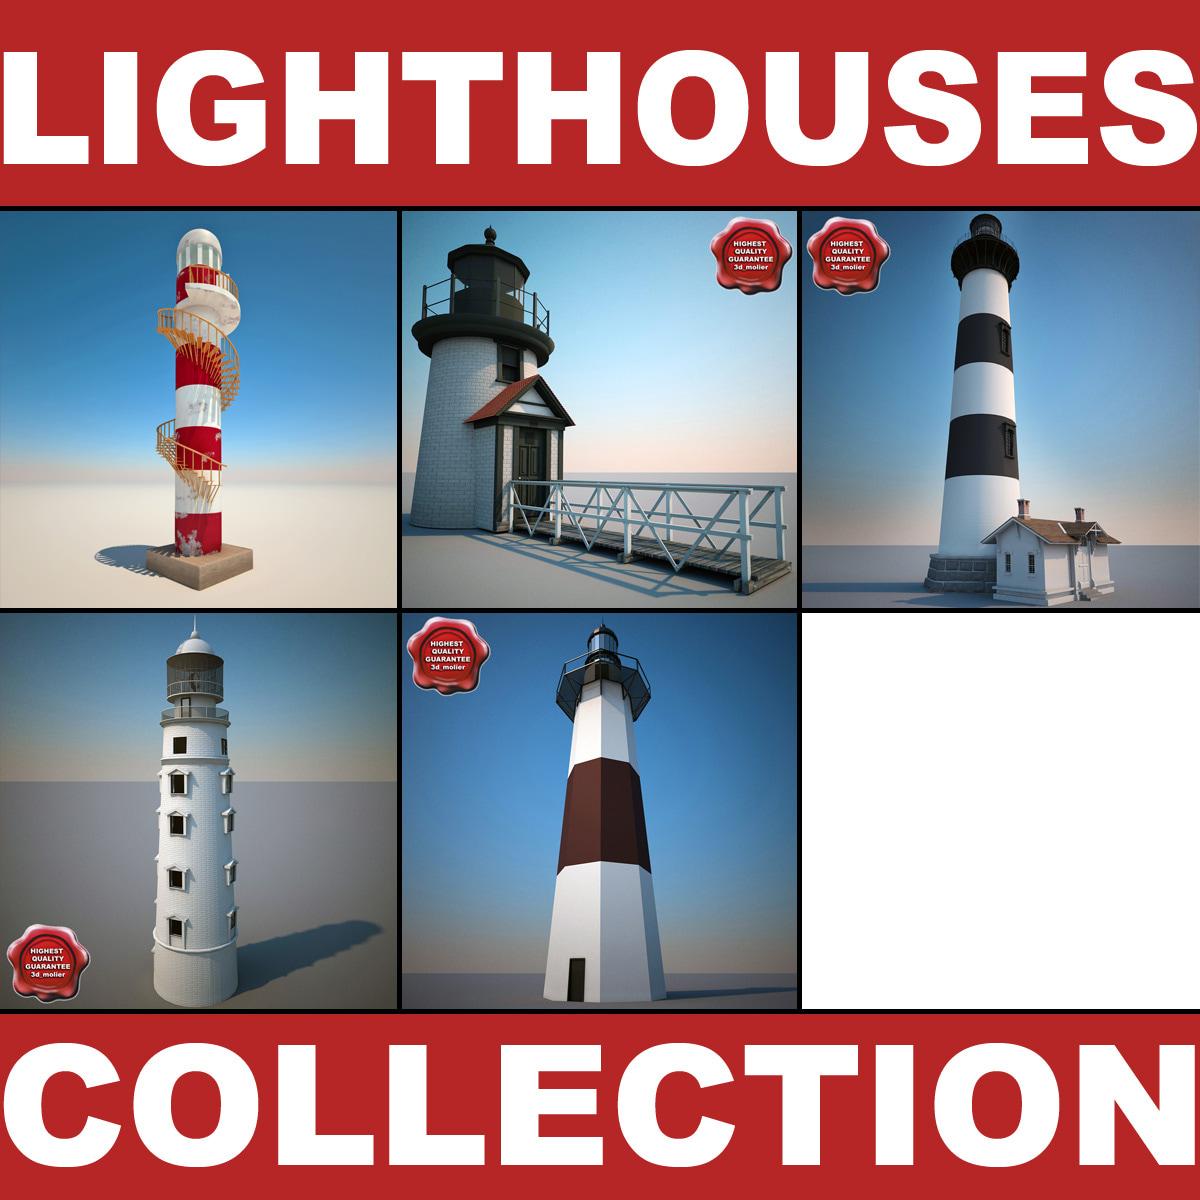 c4d lighthouses modelled